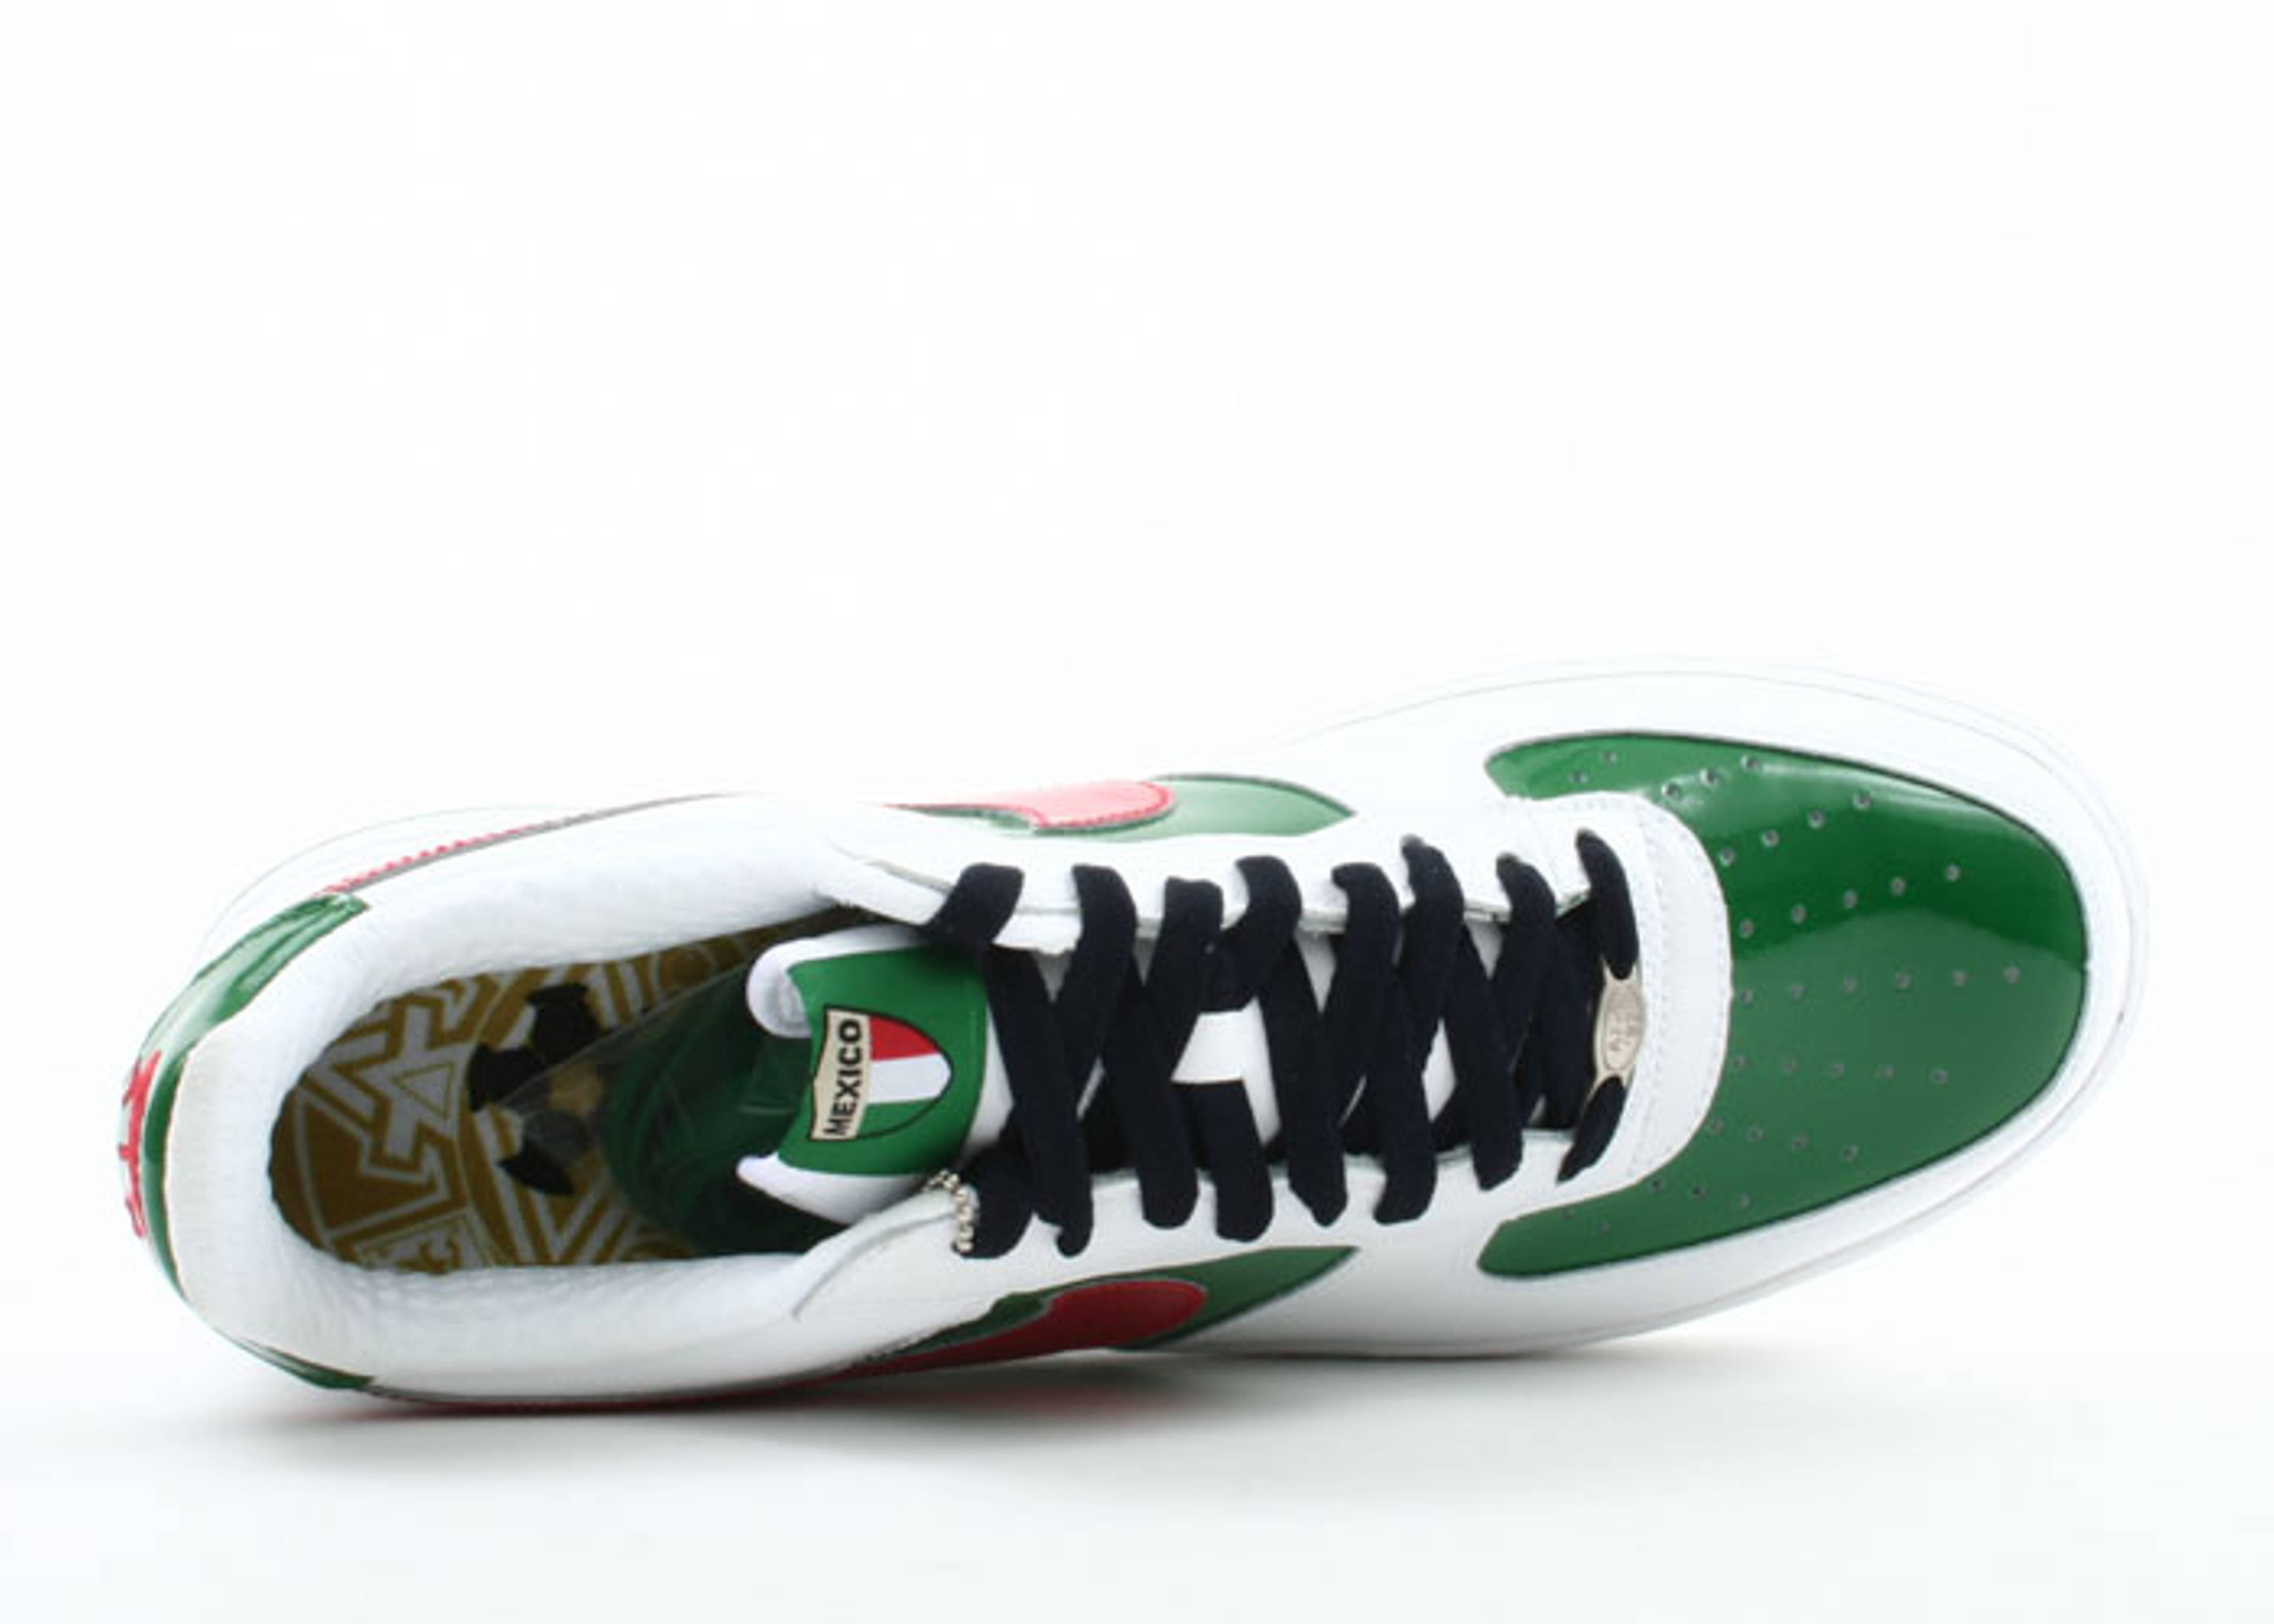 Respeto a ti mismo codicioso Grande  Air Force 1 Premium 'Mexico World Cup' - Nike - 309096 162 - white/sport  red-pine green-obsidian | Flight Club